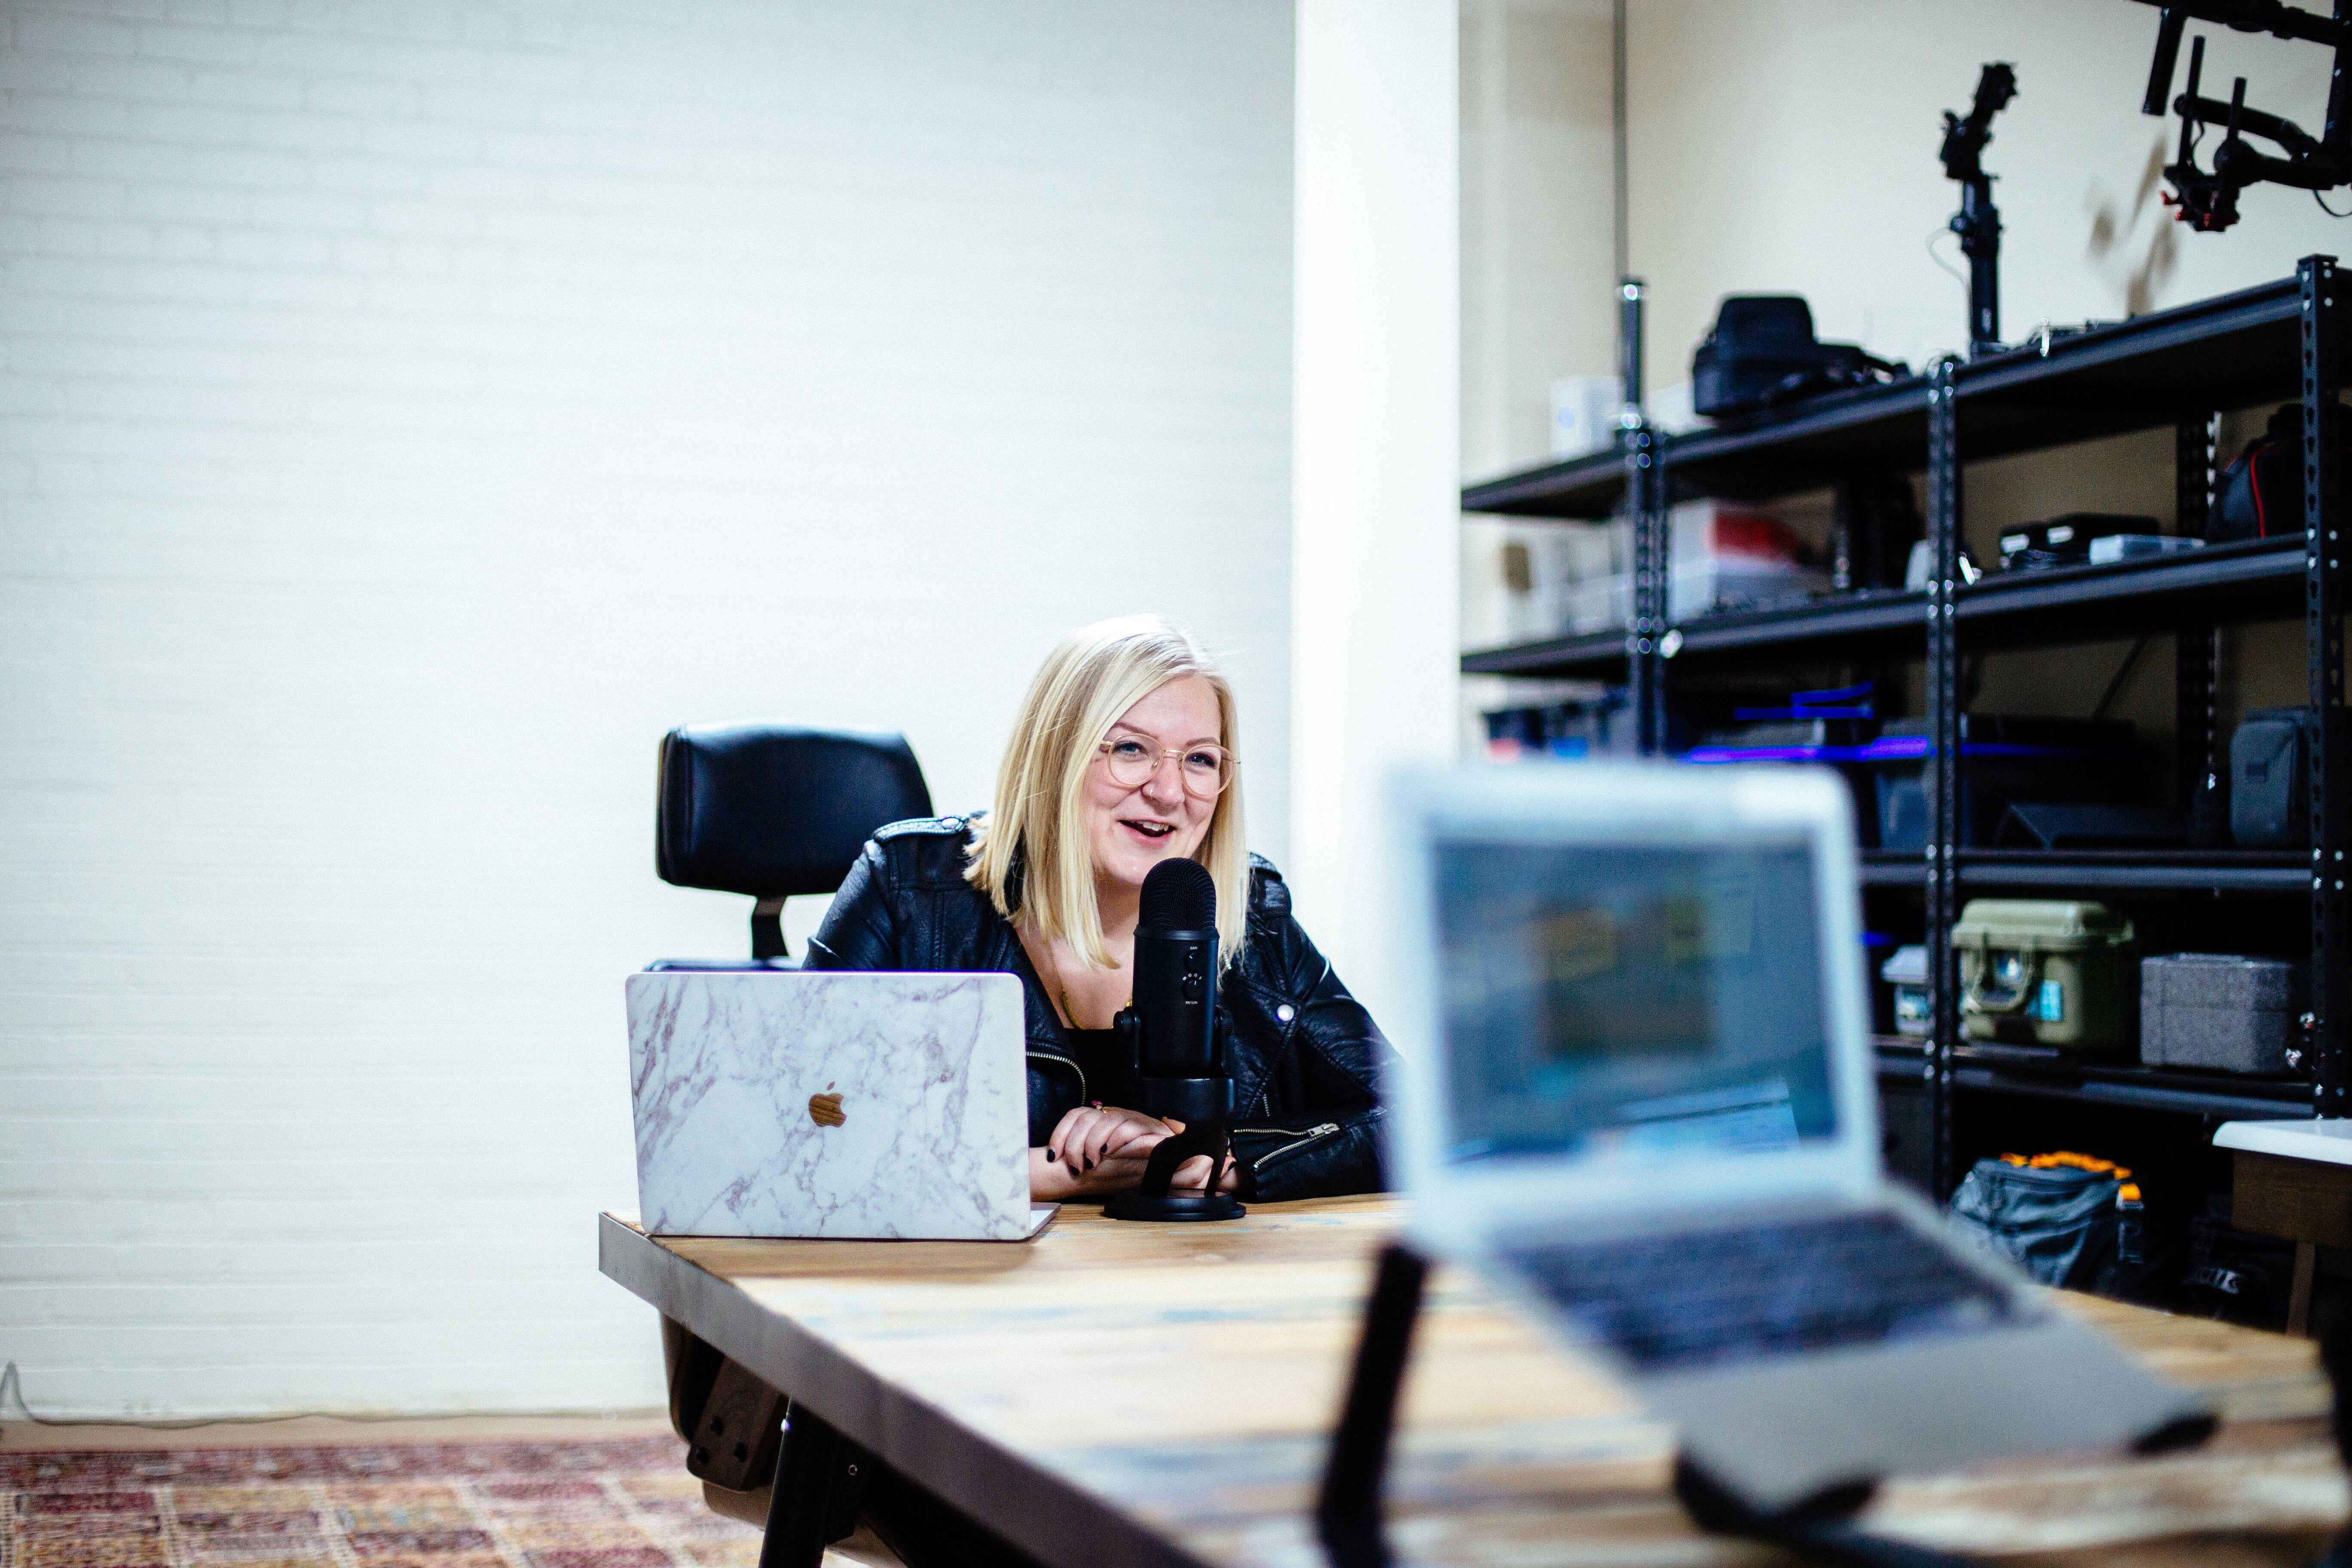 Joanna la Fleur recording a podcast in her studio